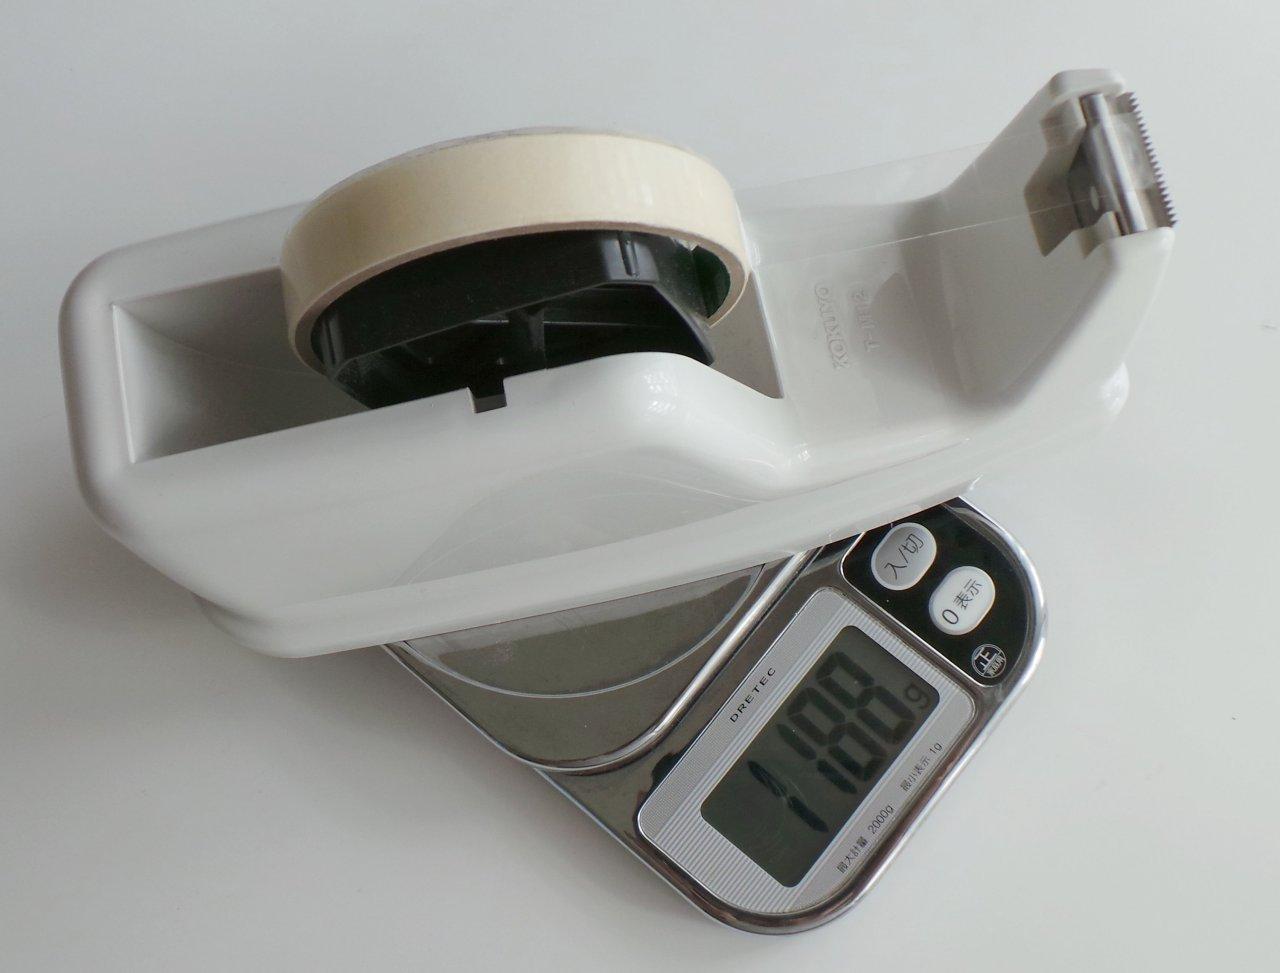 従来使っていた同じコクヨ社の見慣れたデザインのテープカッターはUNIFEEL以上に重量タイプだが、奥行きが長く、テープの引き出し時に底面が滑って多少の不安感があった